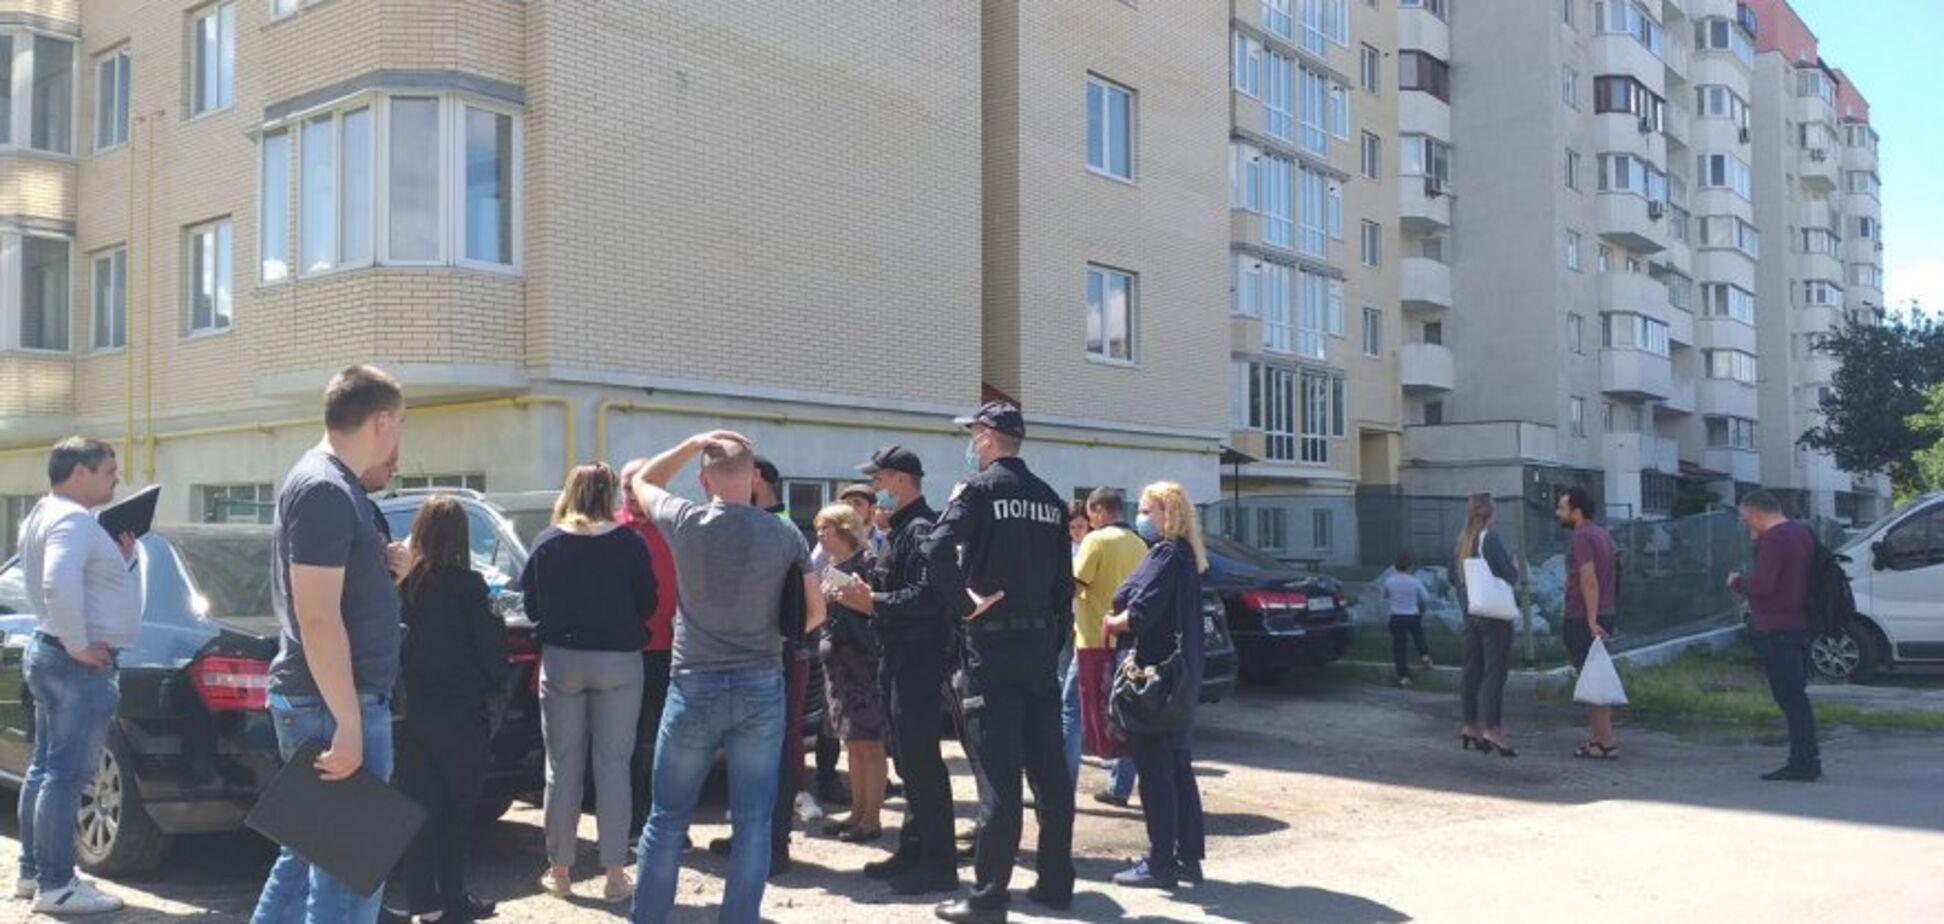 Под Киевом продали участок с высоткой, в которой уже живут люди